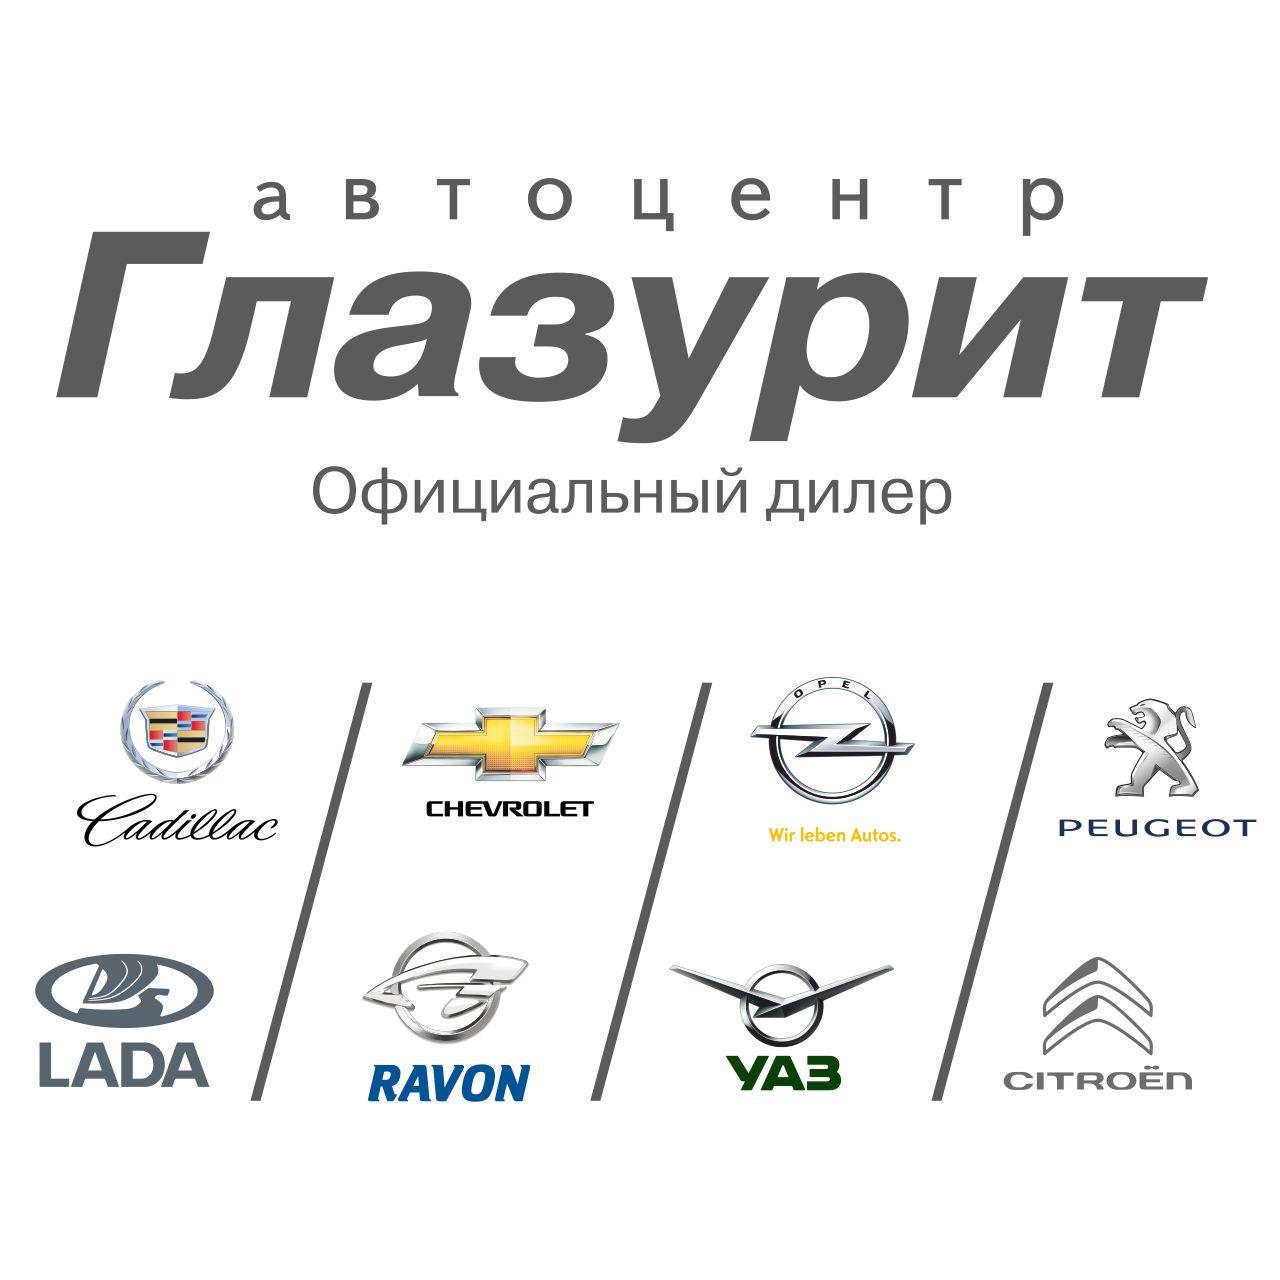 Страховой агент в автосалон вакансии москва часовые ломбарды москвы первый